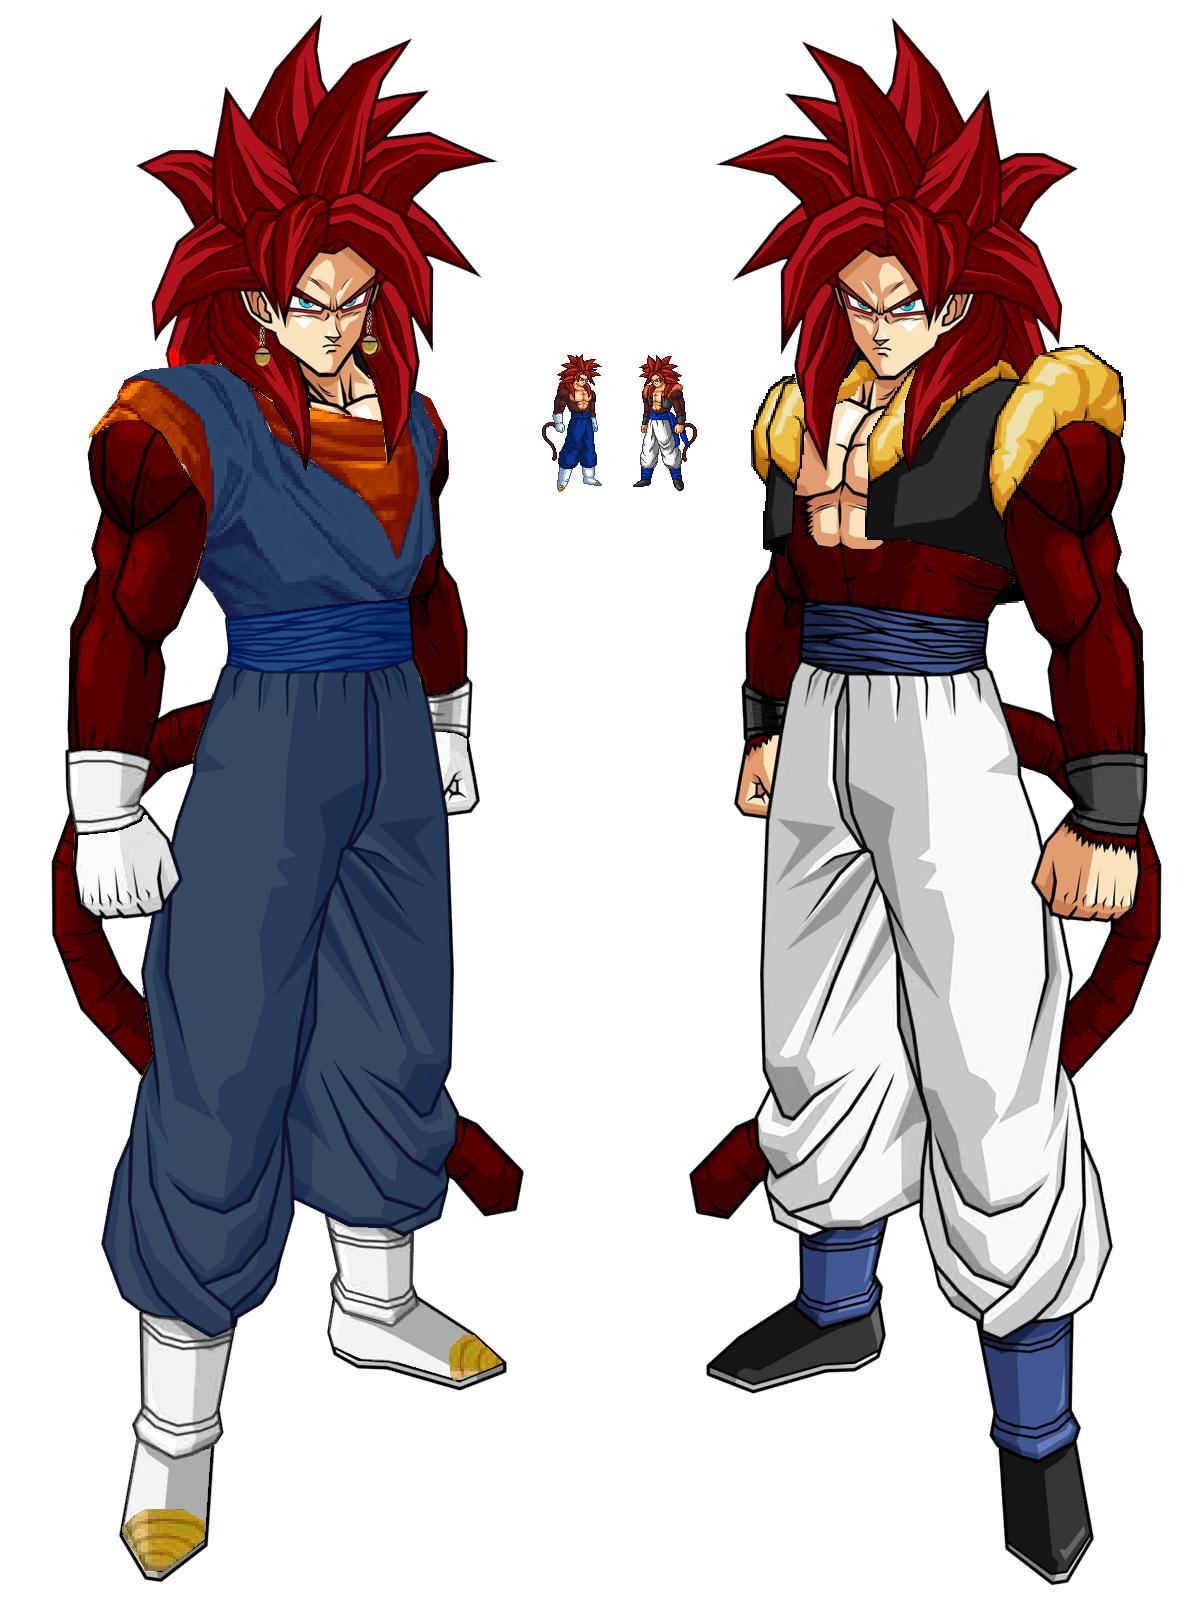 Gogeta SSJ4 - Goku SSJ4 Pose by SpongeBossGoku And Gohan Fusion Ssj4